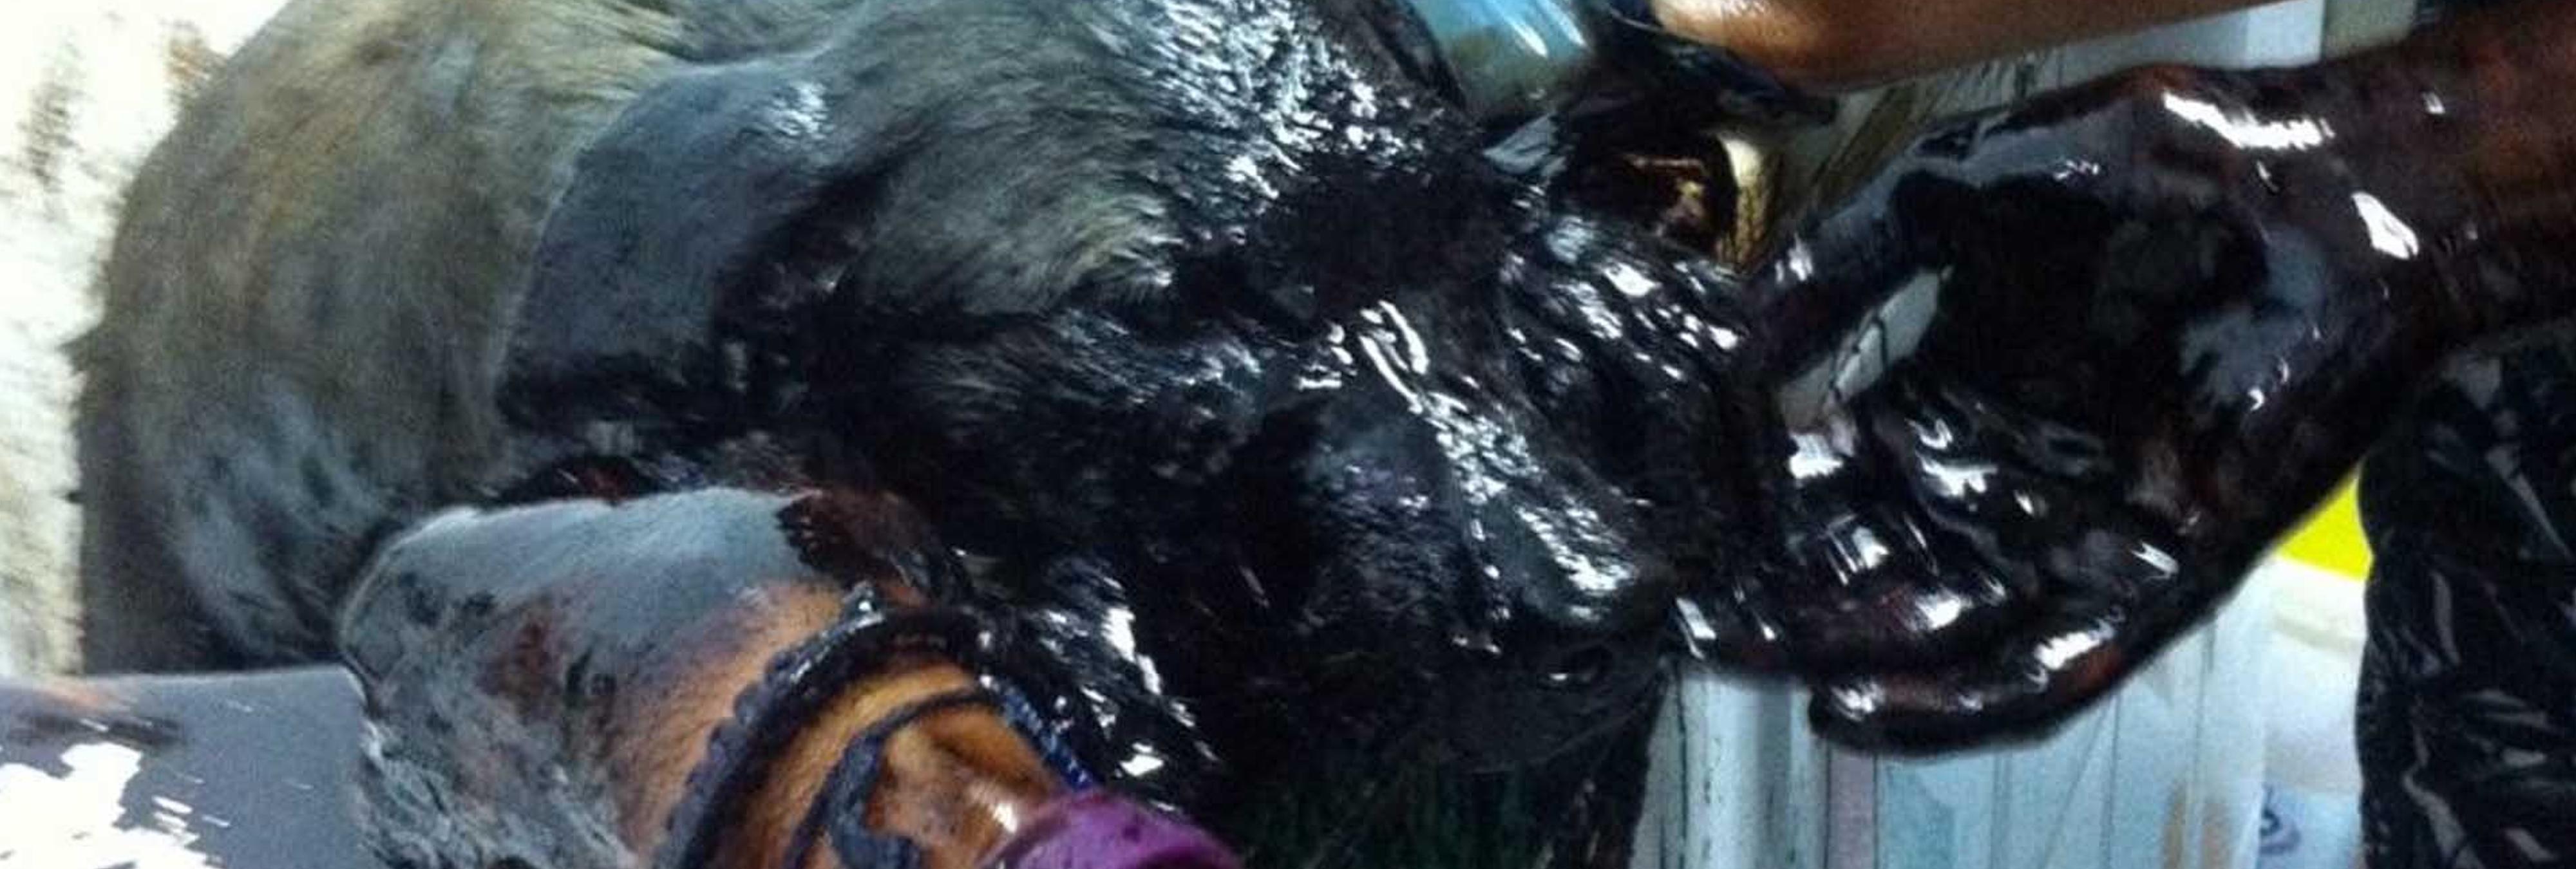 Maltrato animal: fallecen dos cachorros a los que arrojaron litros de alquitrán